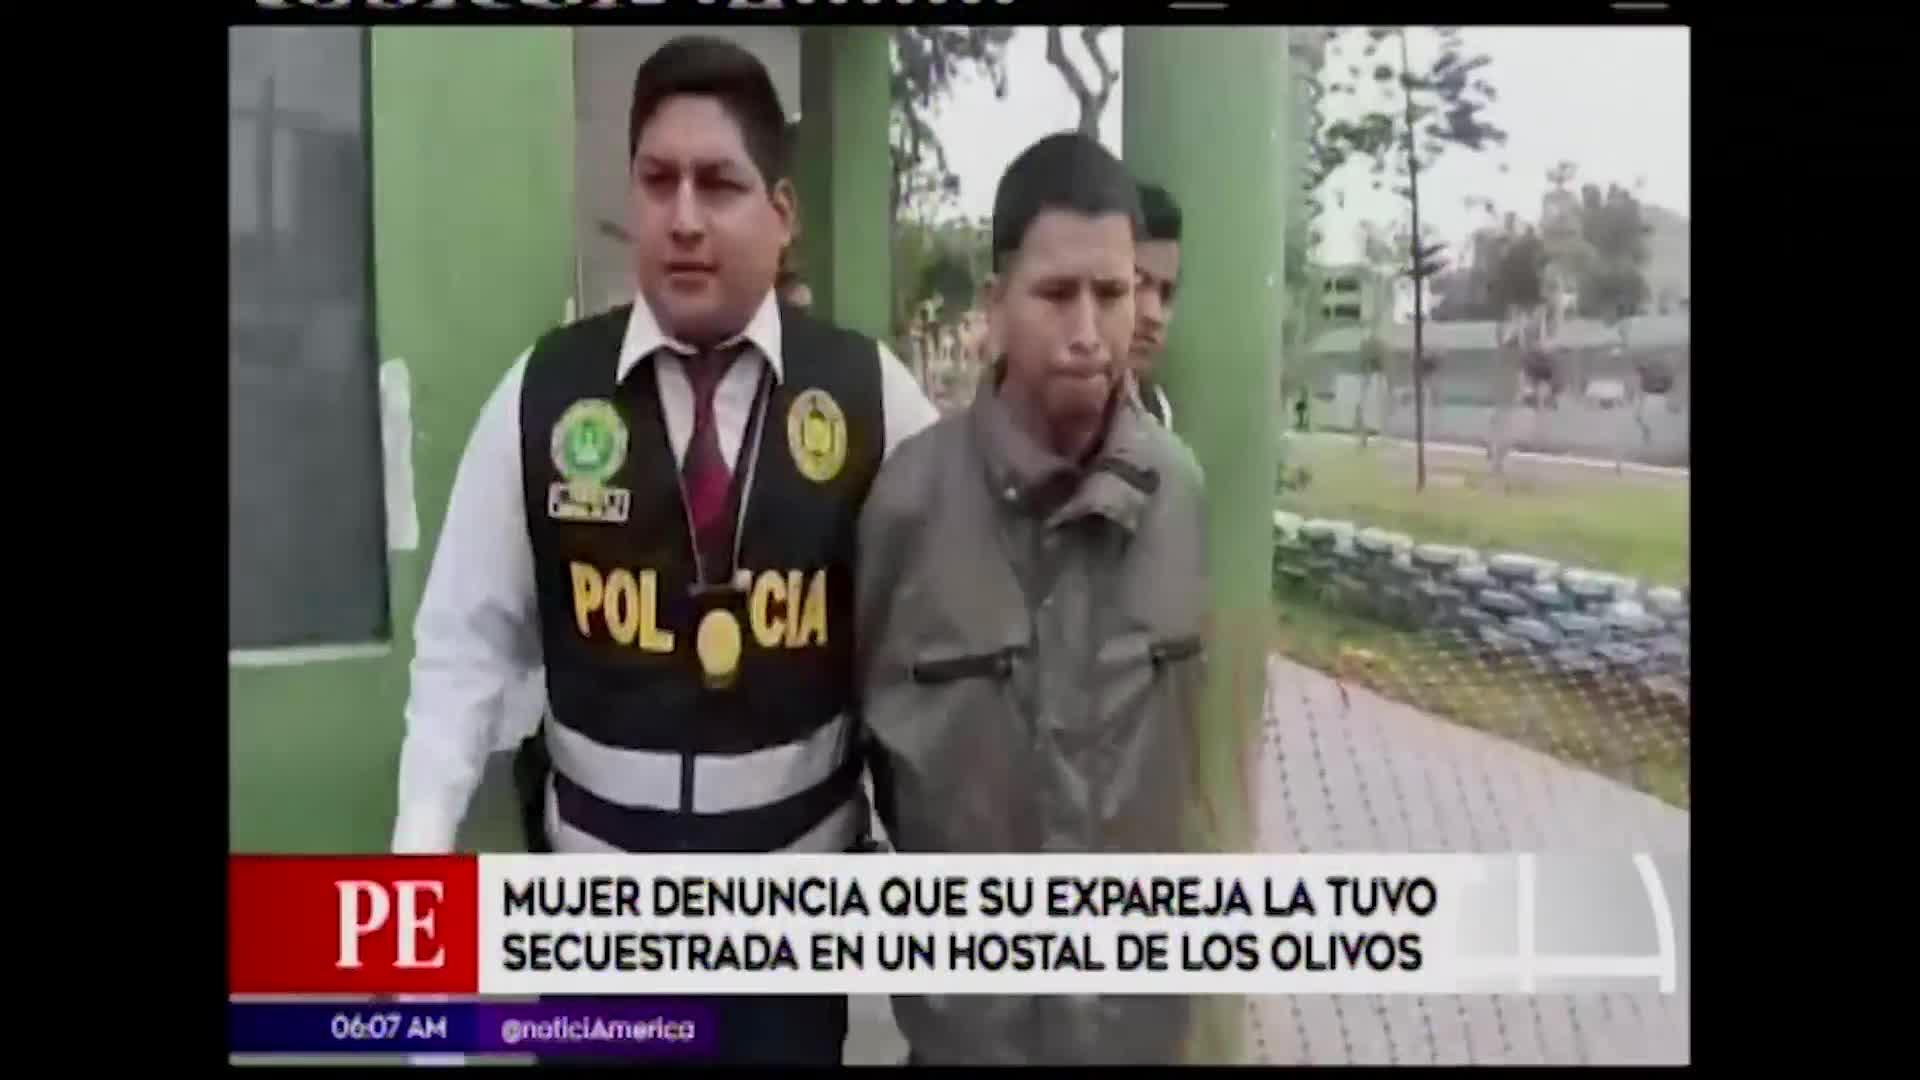 Los Olivos: mujer fue secuestrada y violada por su expareja en un hostal